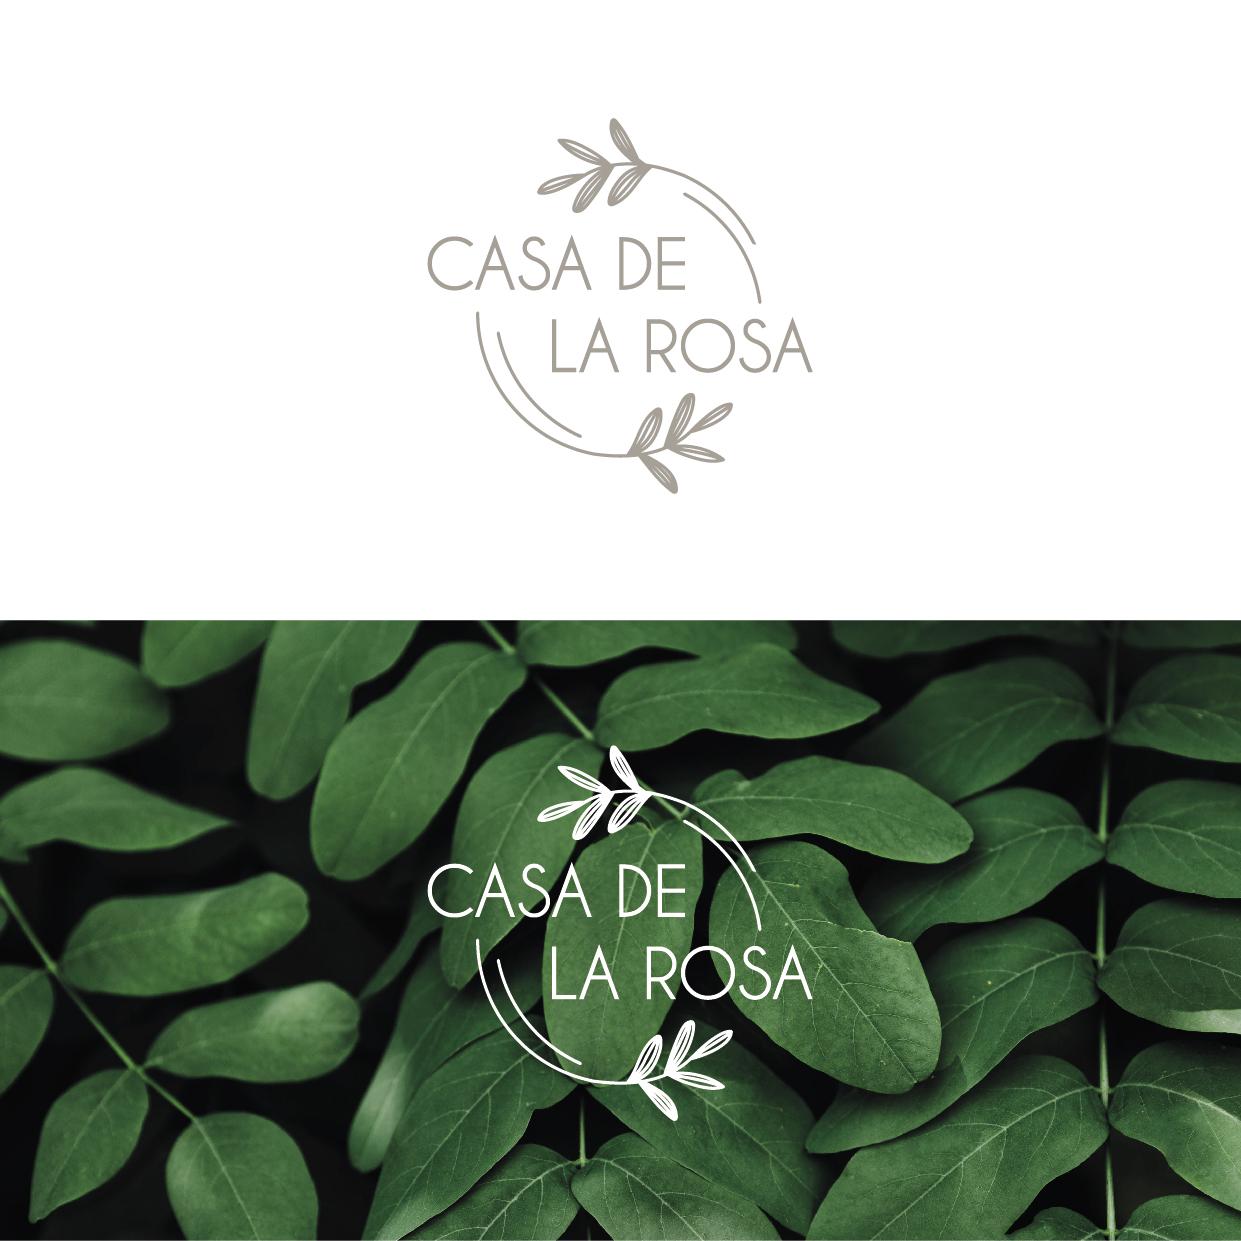 Логотип + Фирменный знак для элитного поселка Casa De La Rosa фото f_2385cd2e10d389ea.jpg